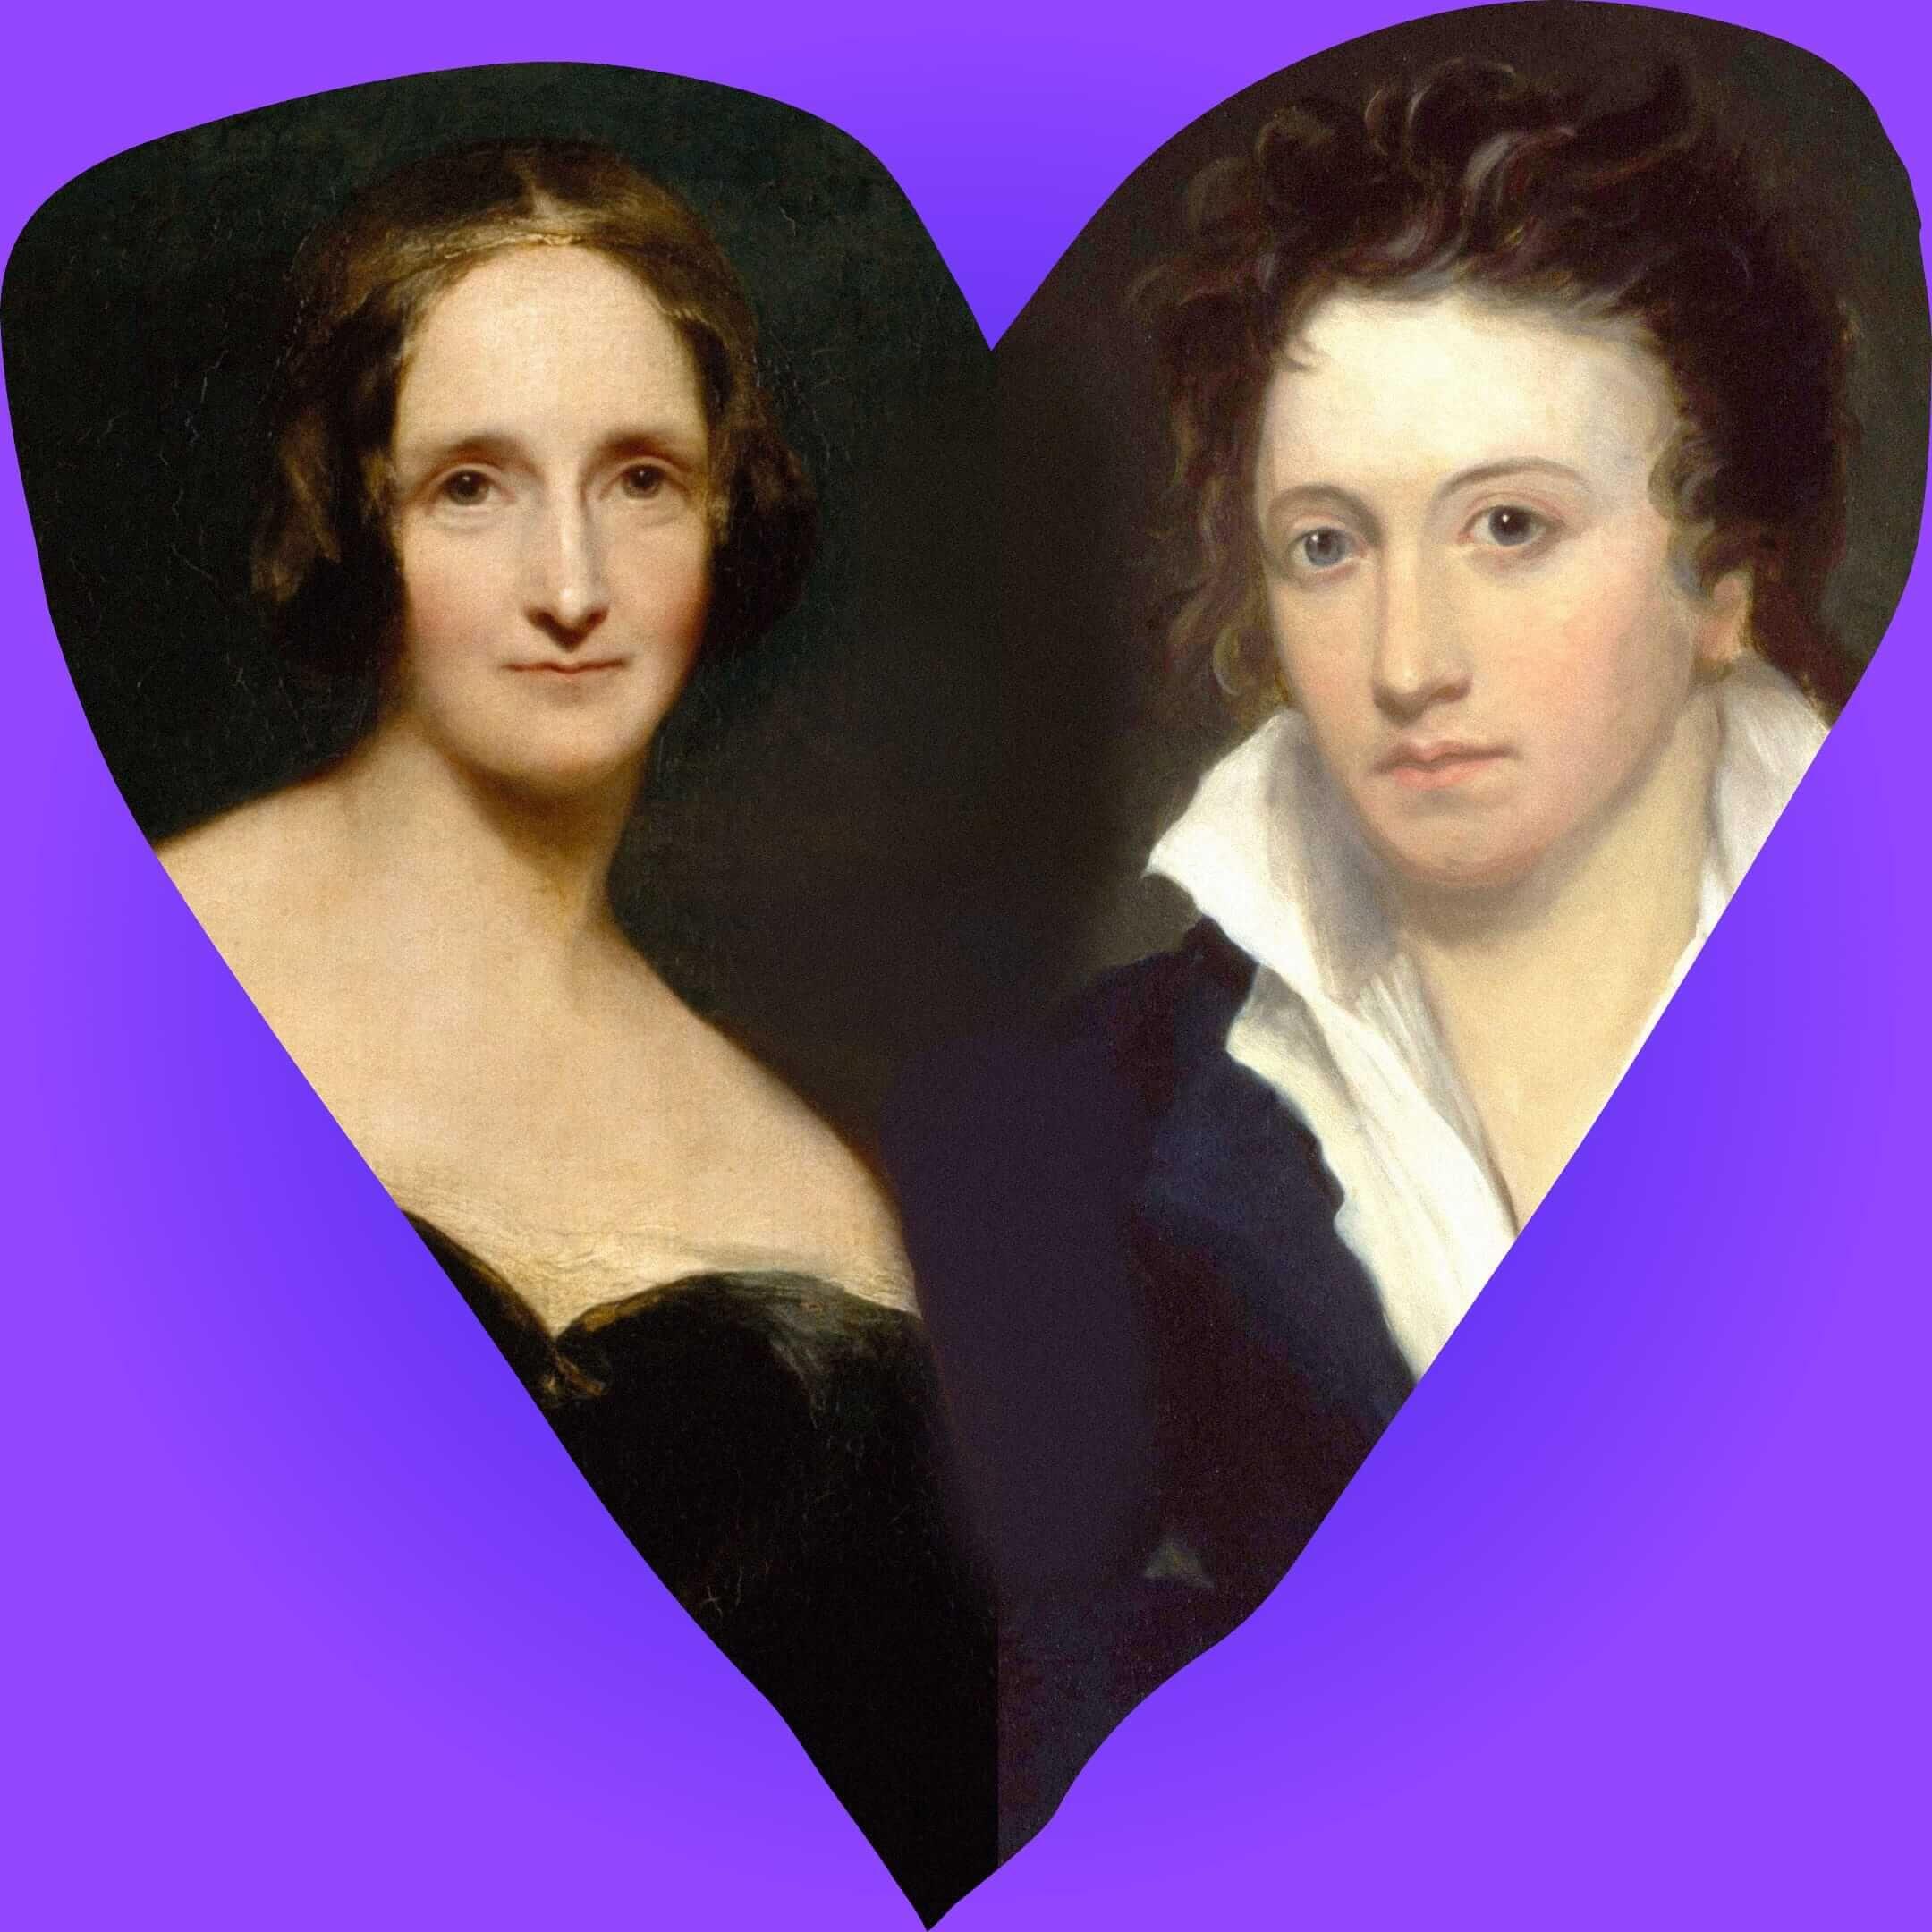 Коллаж изпортретов Мэри Шелли (художник Ричард Ротвелл, 1840год) и Перси Шелли (художник Альфред Клинт, 1819год). Иллюстрация: Букмейт